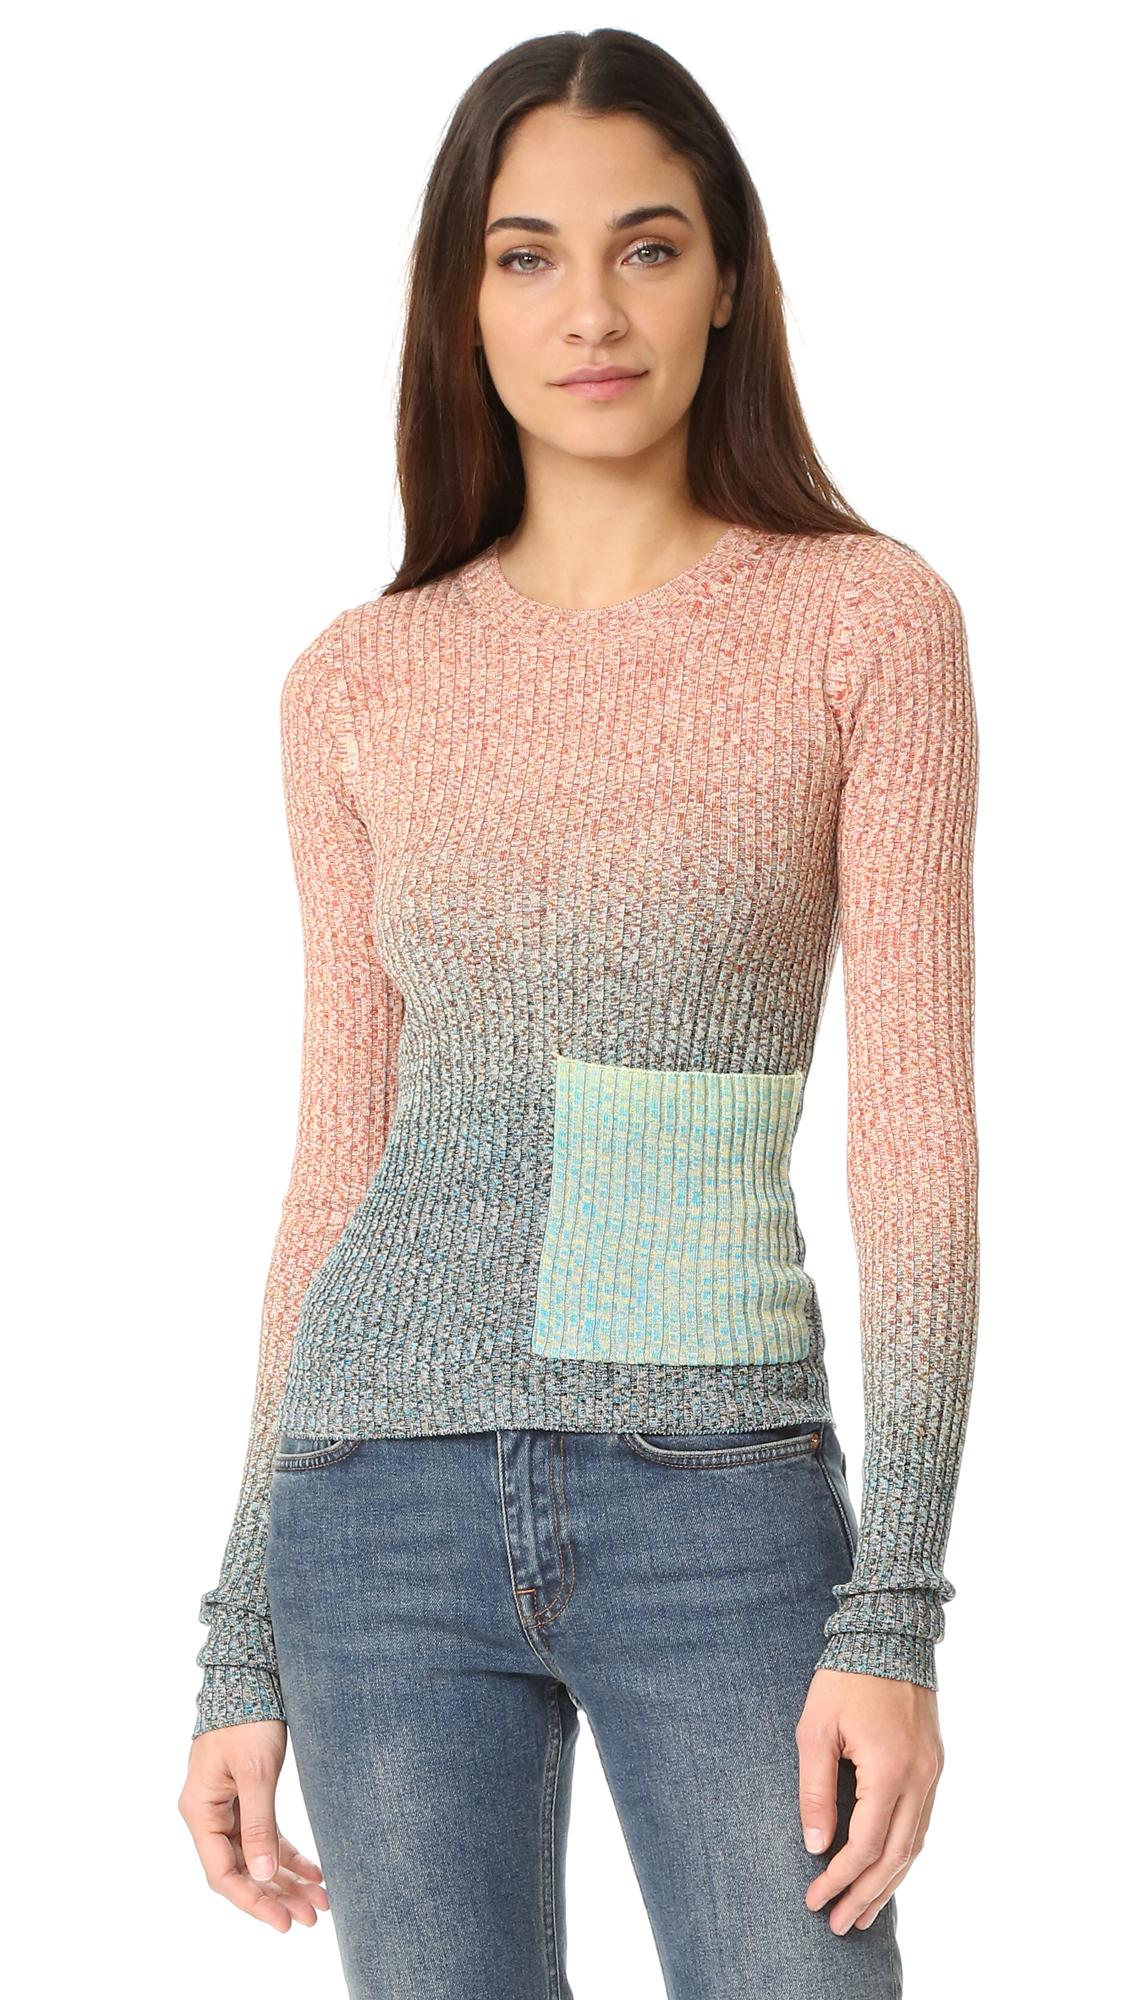 Acne Studios Rasha Mouline Sweater - Turquoise/ Orange at Shopbop